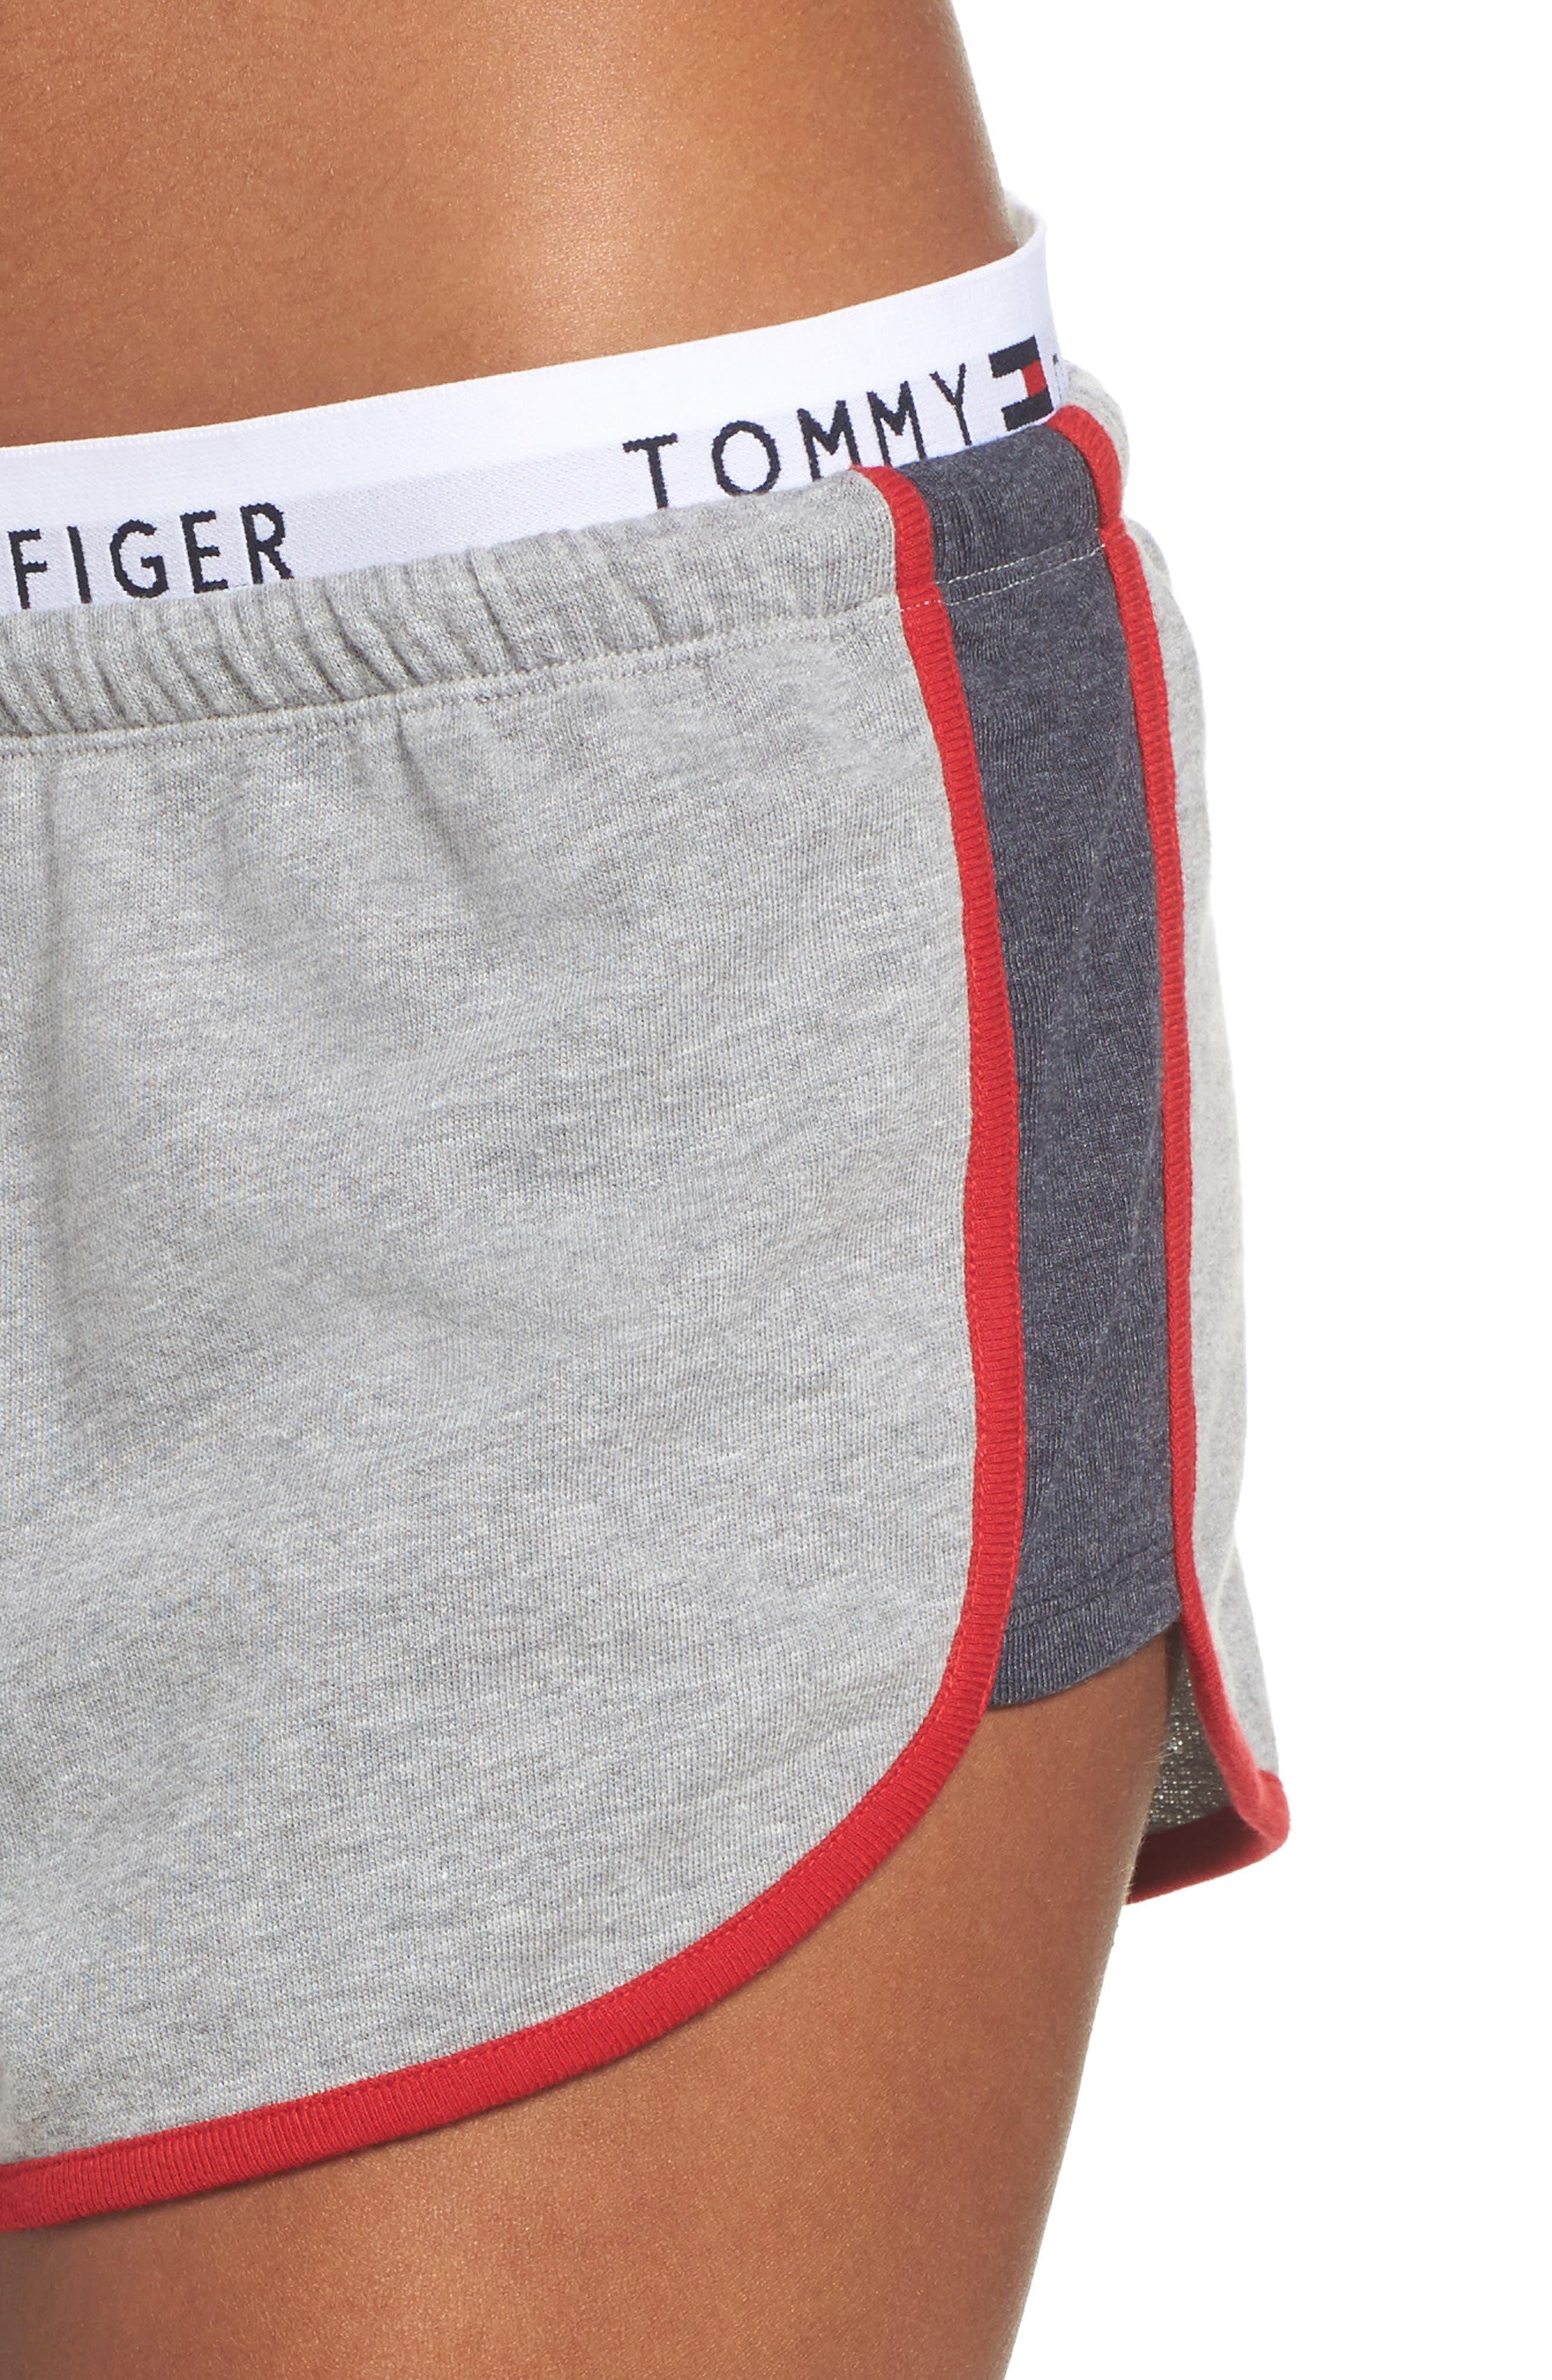 TH Retro Shorts,                             Alternate thumbnail 4, color,                             020